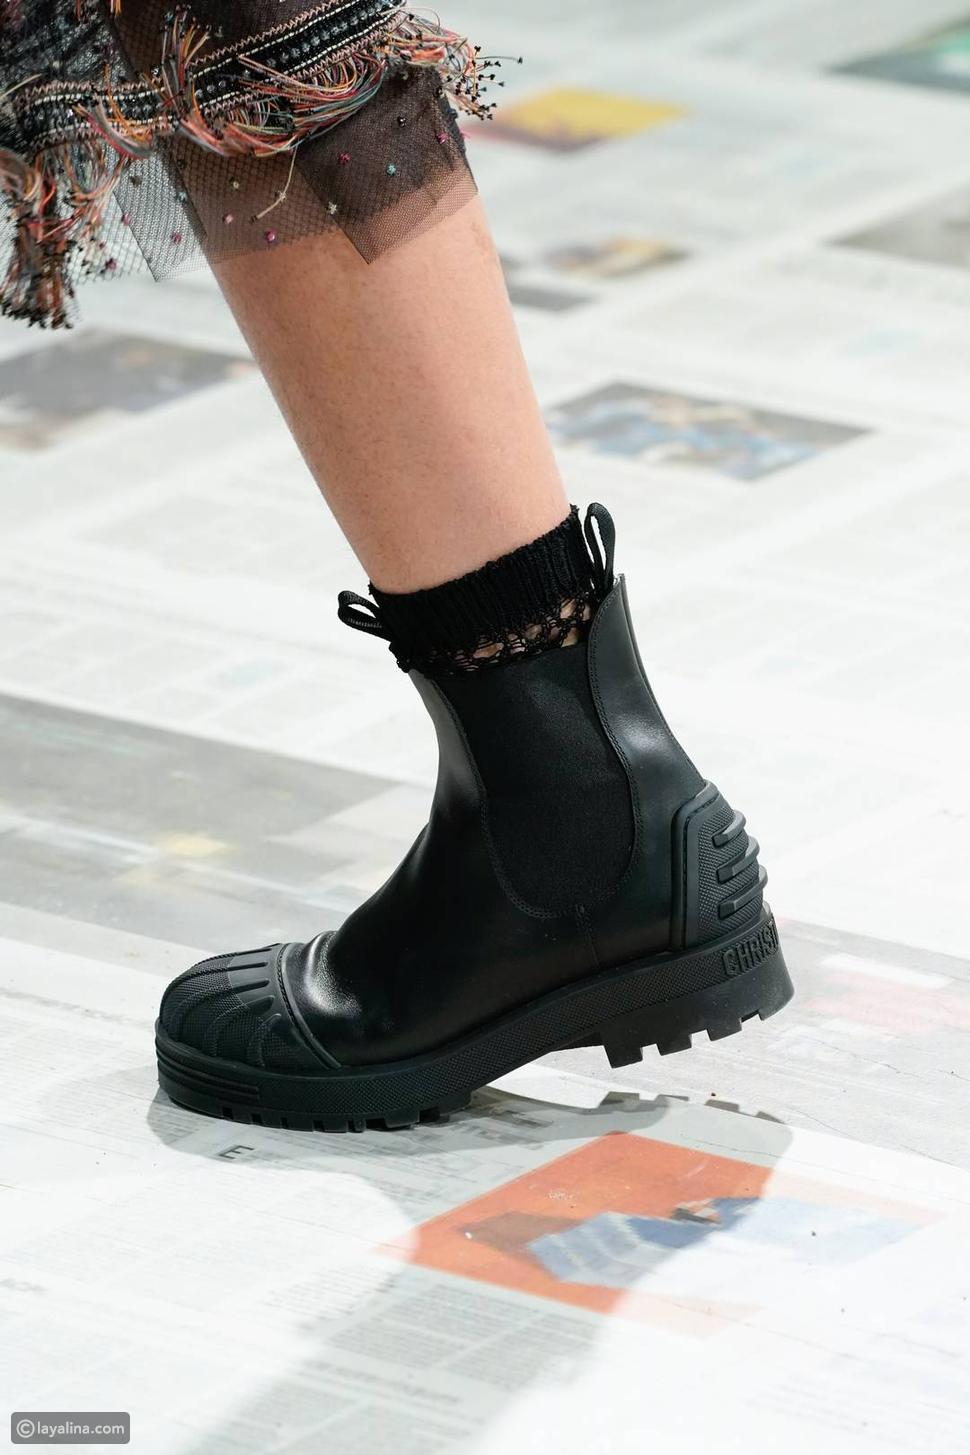 أحذية مطاطية بنعل مكتنز بدلاً منحذاء بكعب مدبب